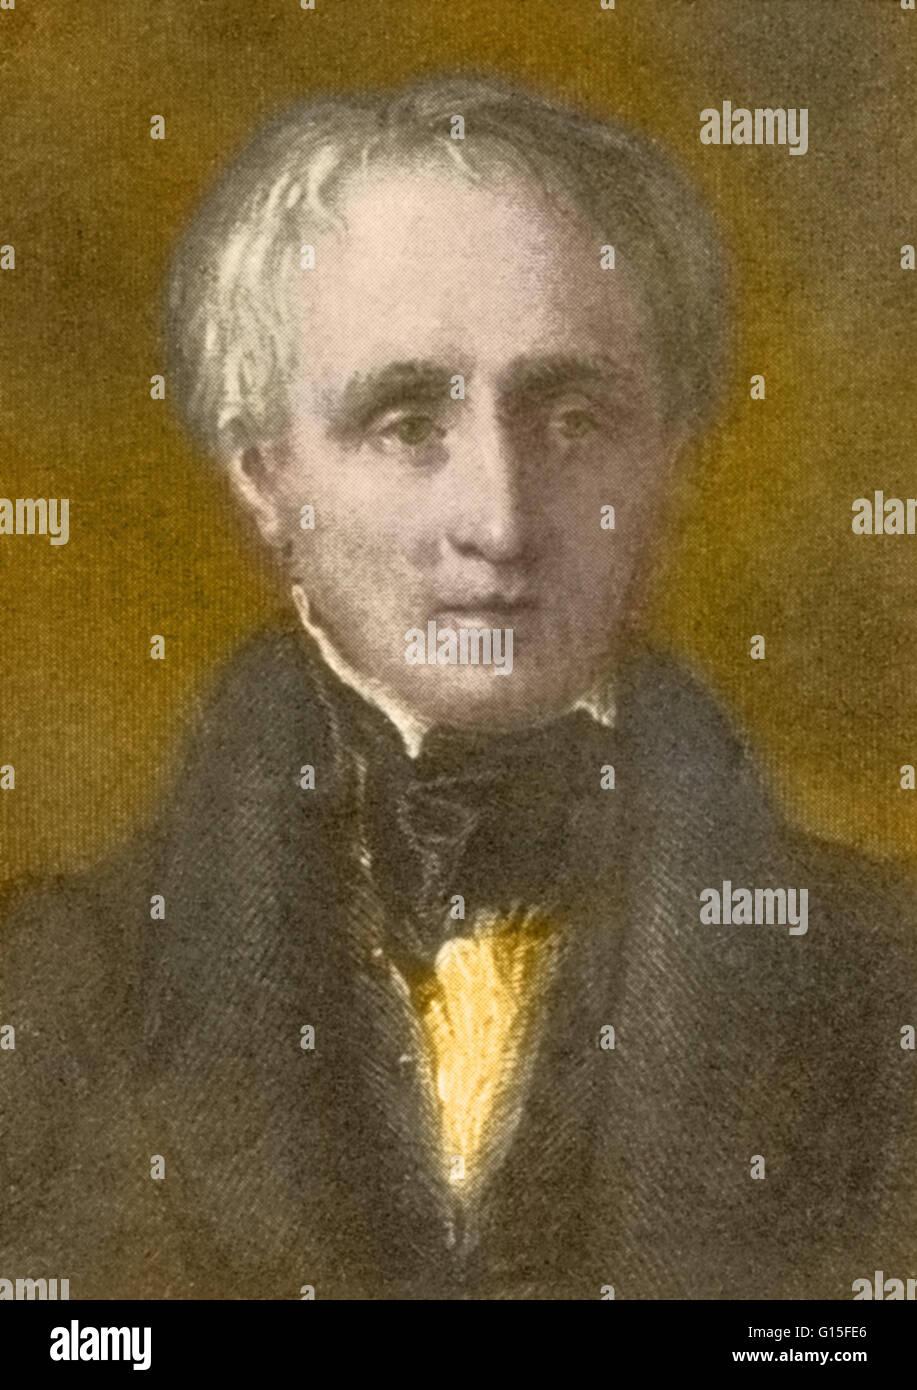 Littérature Romantique Anglaise william wordsworth (1770-1850) était un grand poète romantique